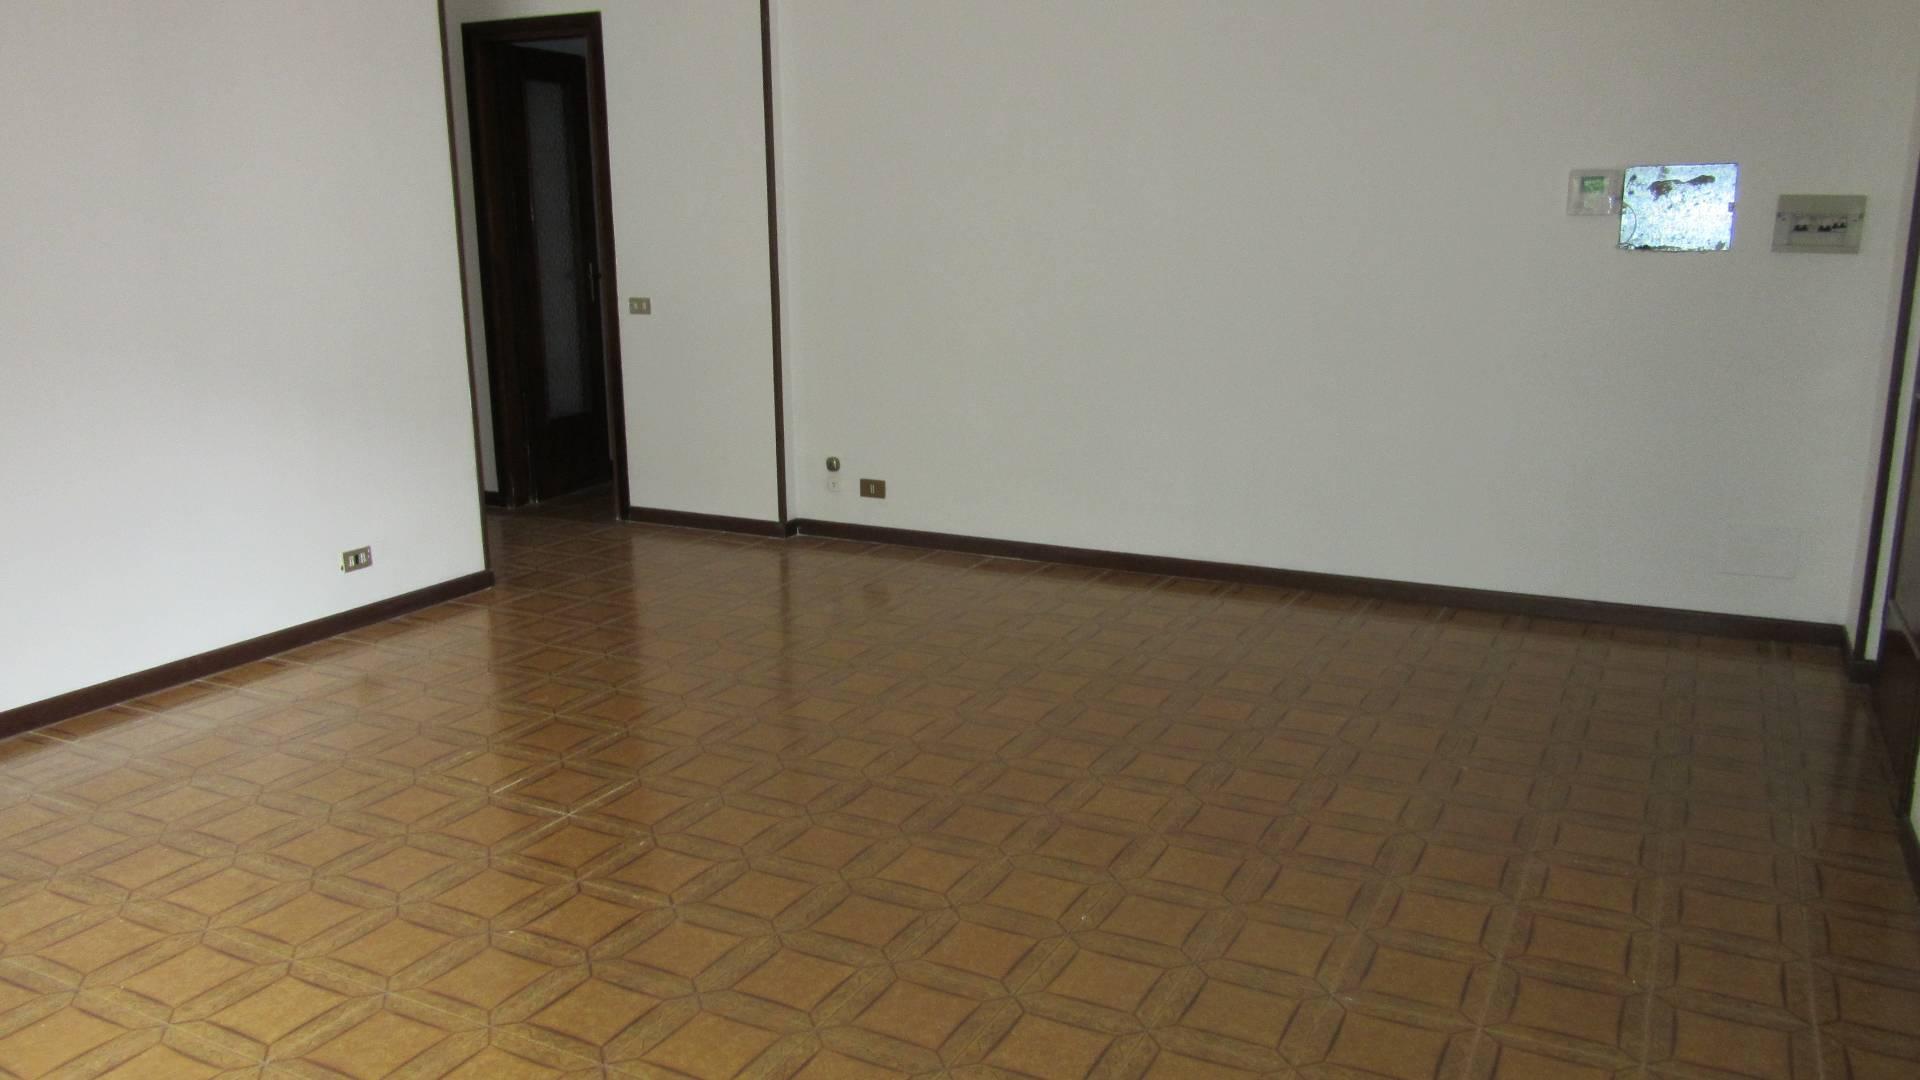 Appartamento in vendita a Villa Carcina, 3 locali, zona Zona: Villa, prezzo € 102.000 | CambioCasa.it